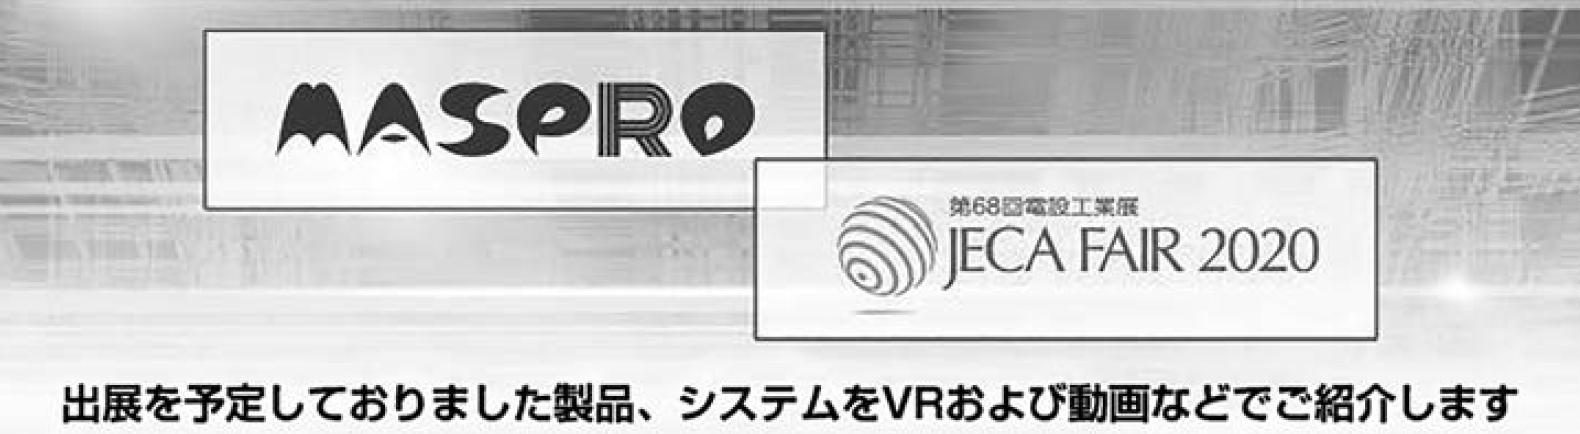 【マスプロ電工】JECA FAIRの中止受け Web展示会特設サイトを7月31日まで開設の画像